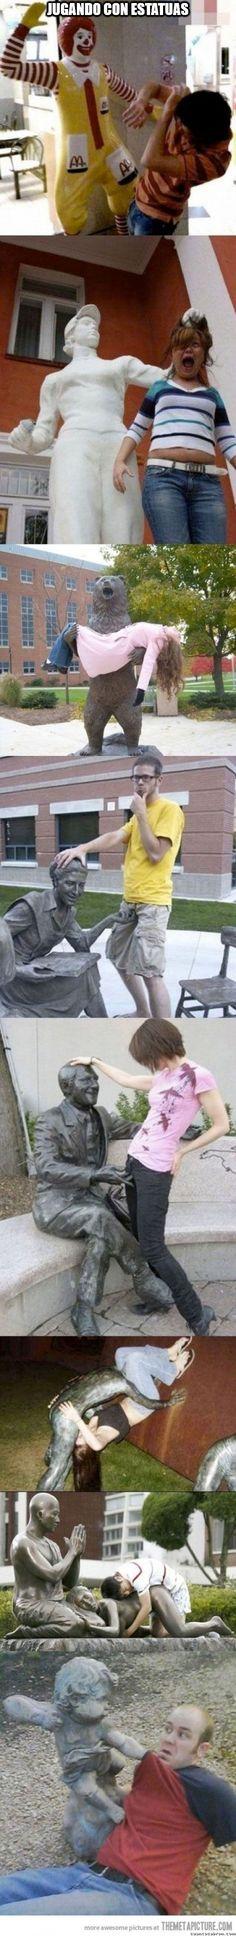 Trolleando algunas estatuas        Gracias a http://www.cuantocabron.com/   Si quieres leer la noticia completa visita: http://www.estoy-aburrido.com/trolleando-algunas-estatuas/